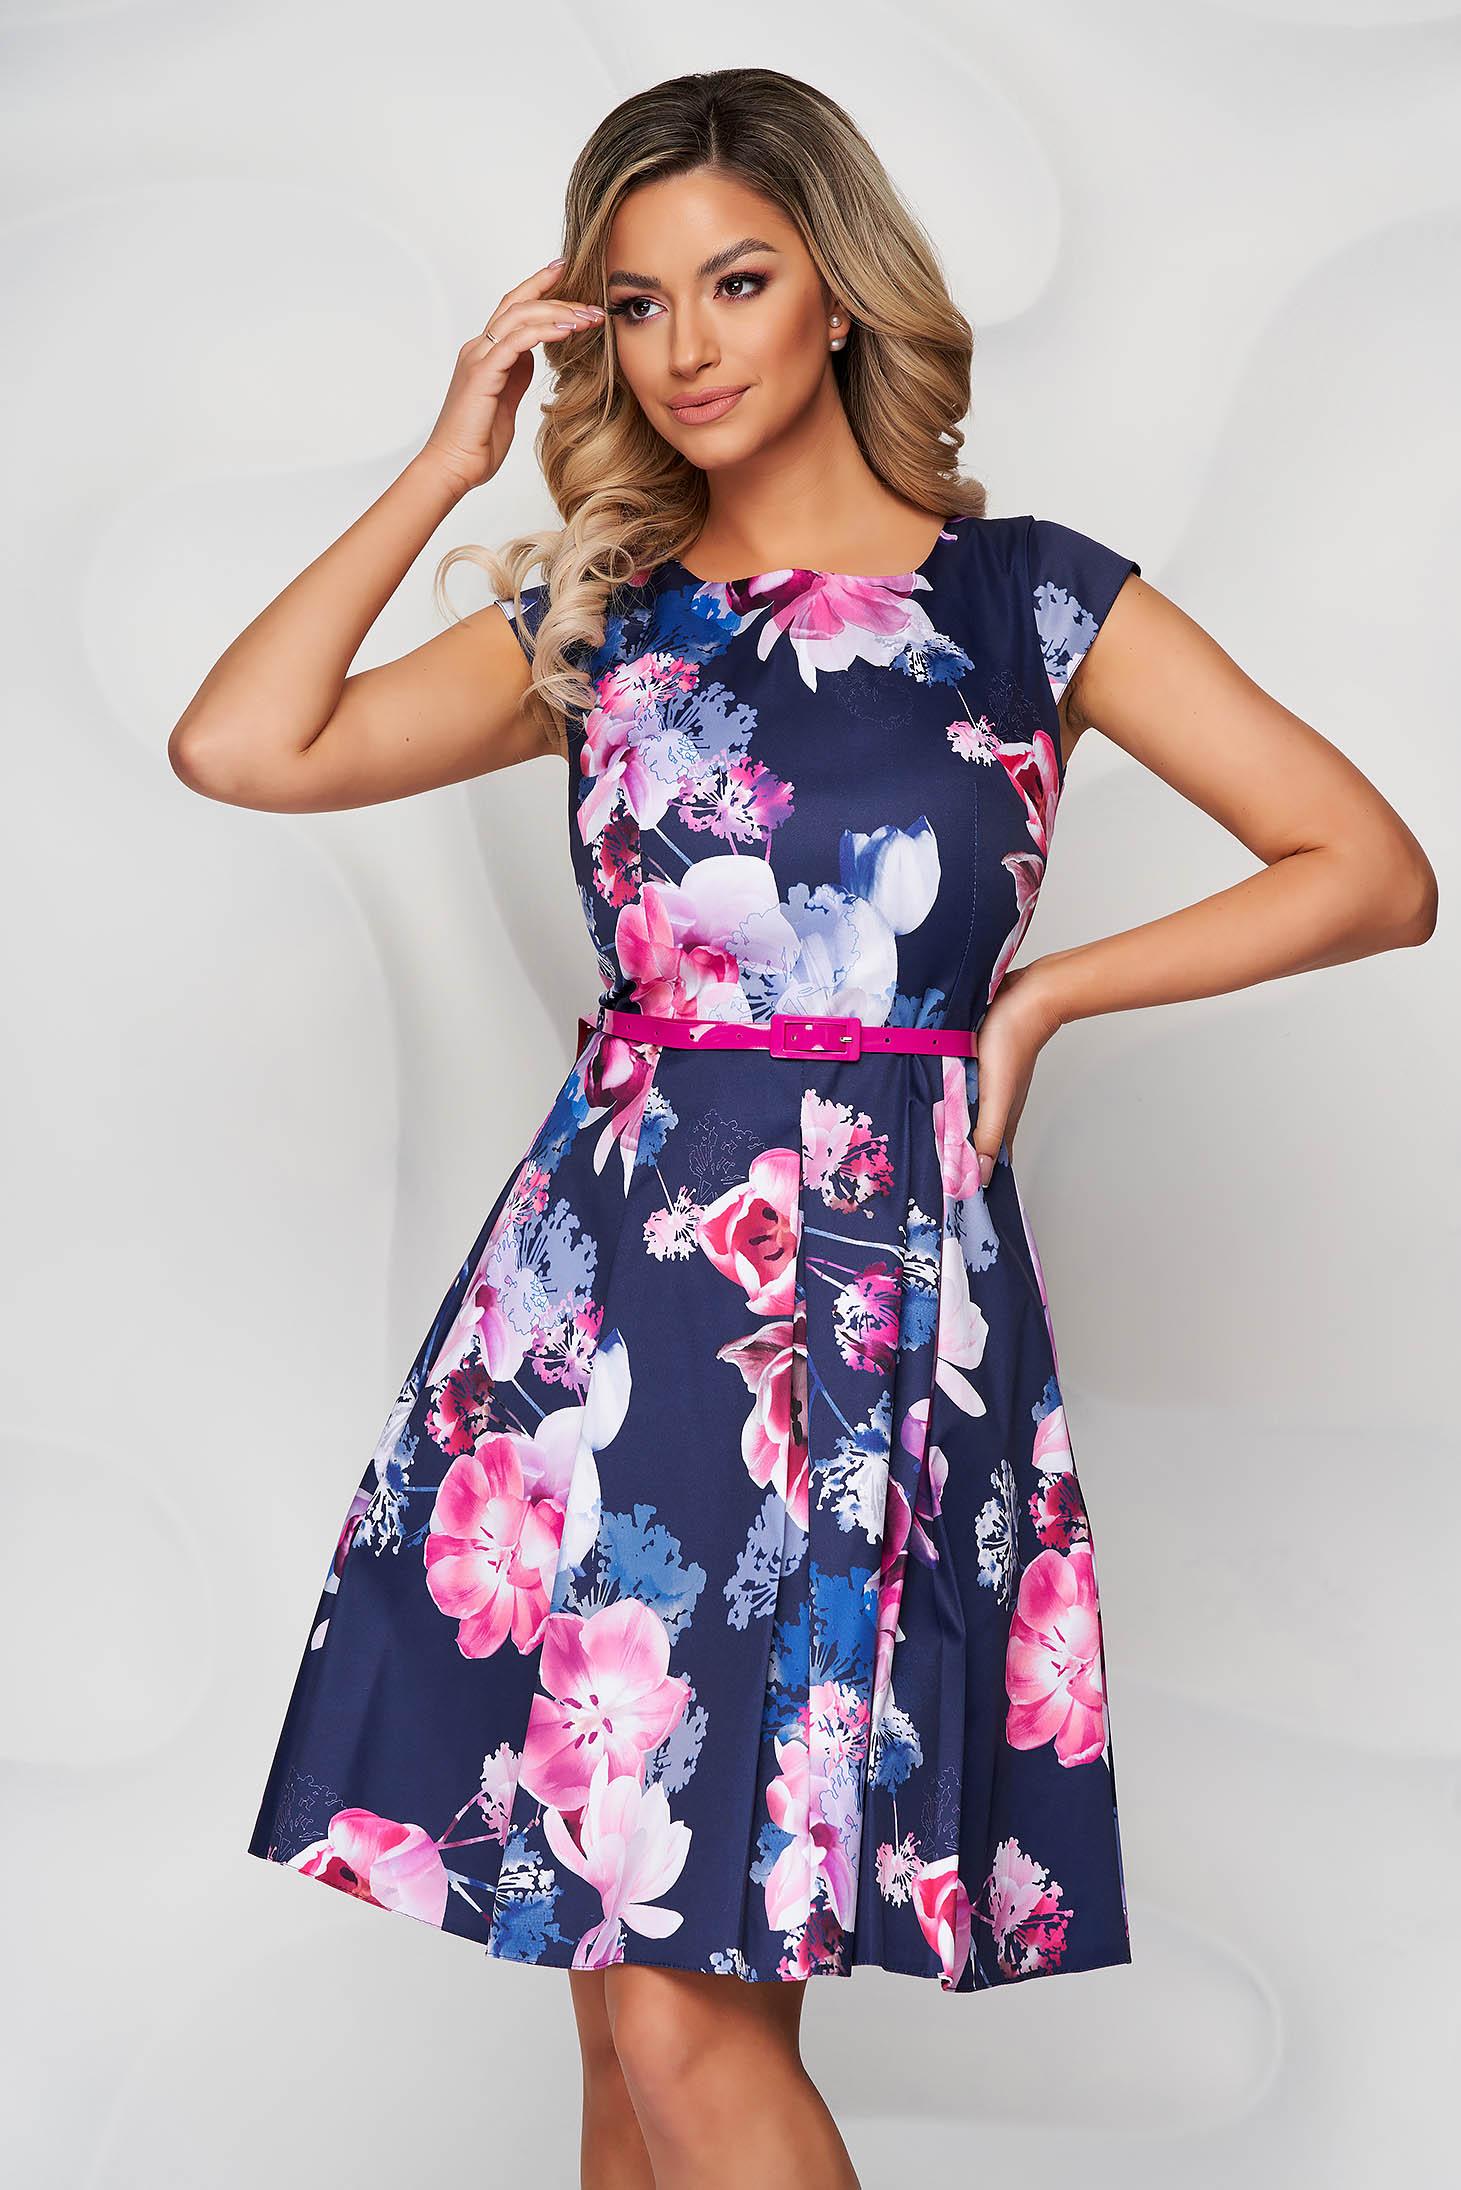 Rochie albastru-inchis cu imprimeu floral din material usor elastic in clos cu accesoriu tip curea